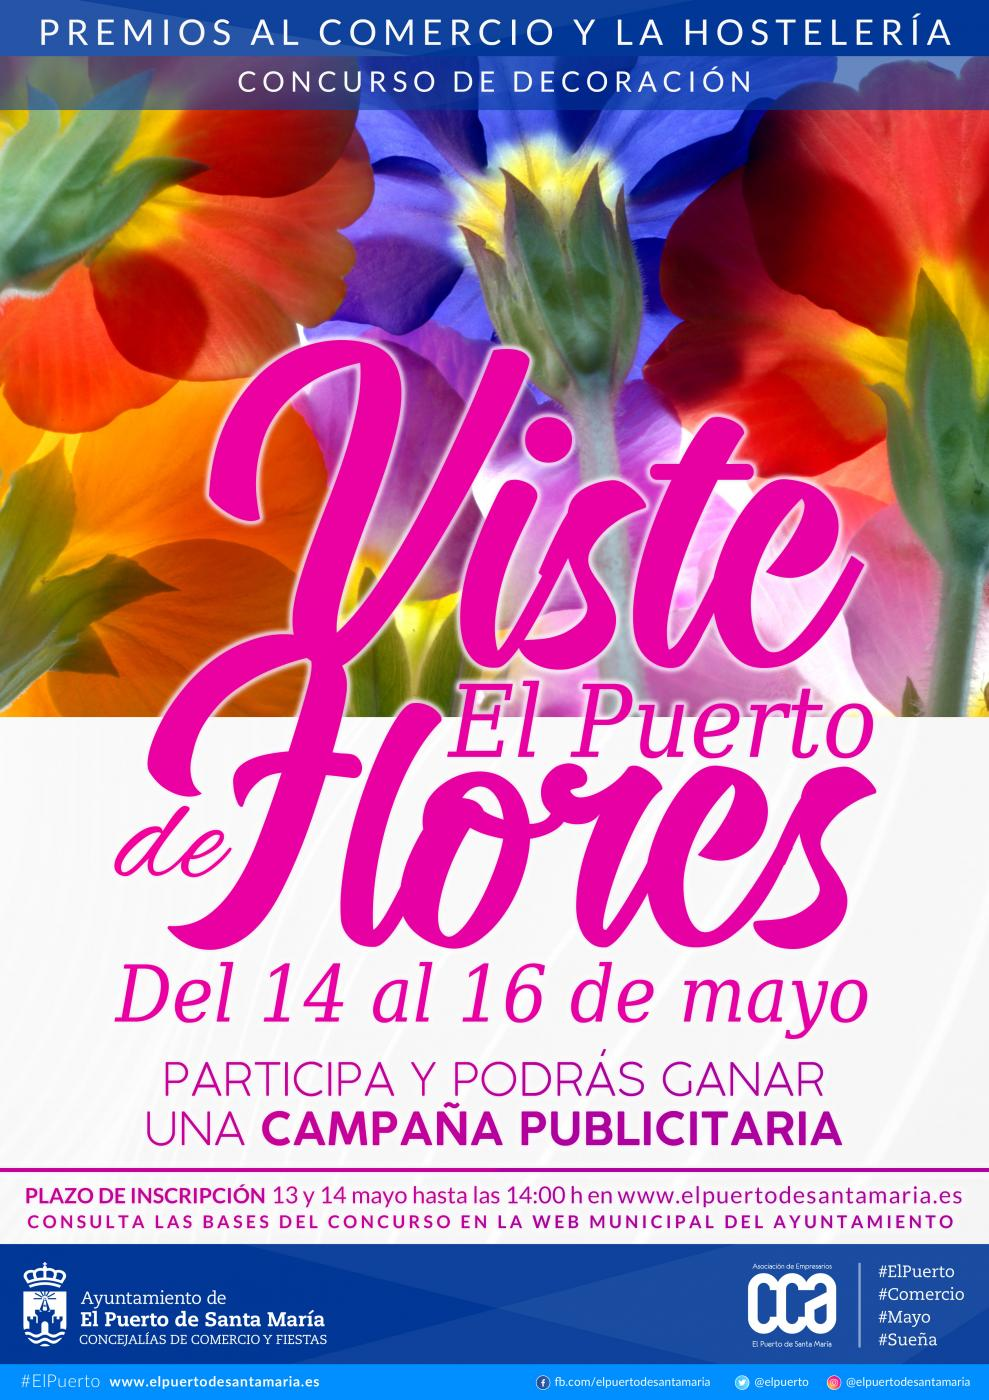 Viste El Puerto de flores.